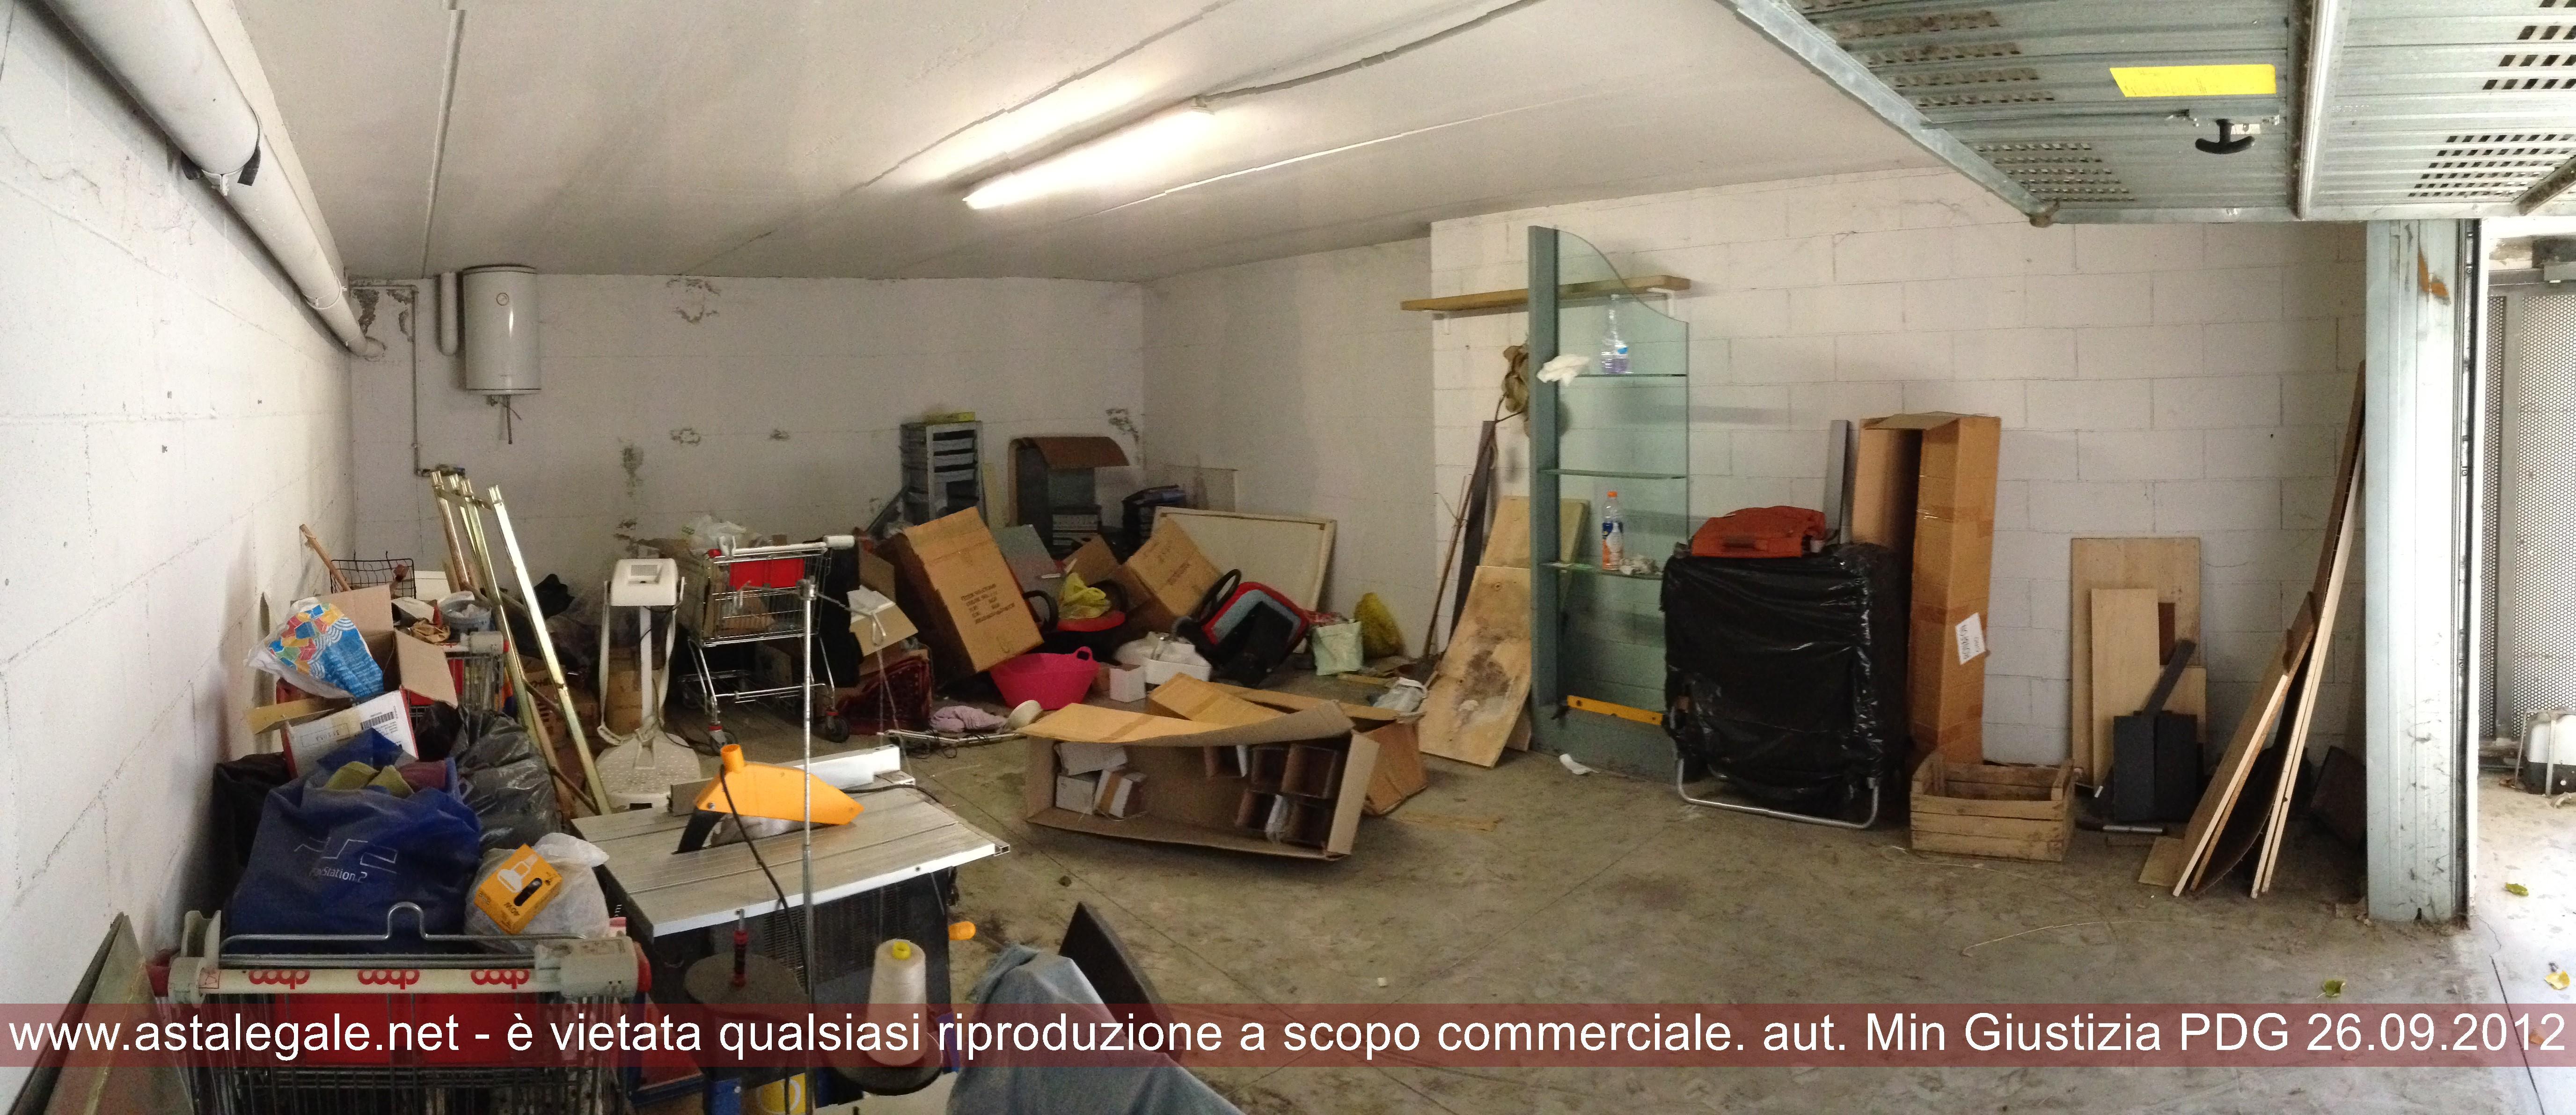 Firenze (FI) Via Lazio 6